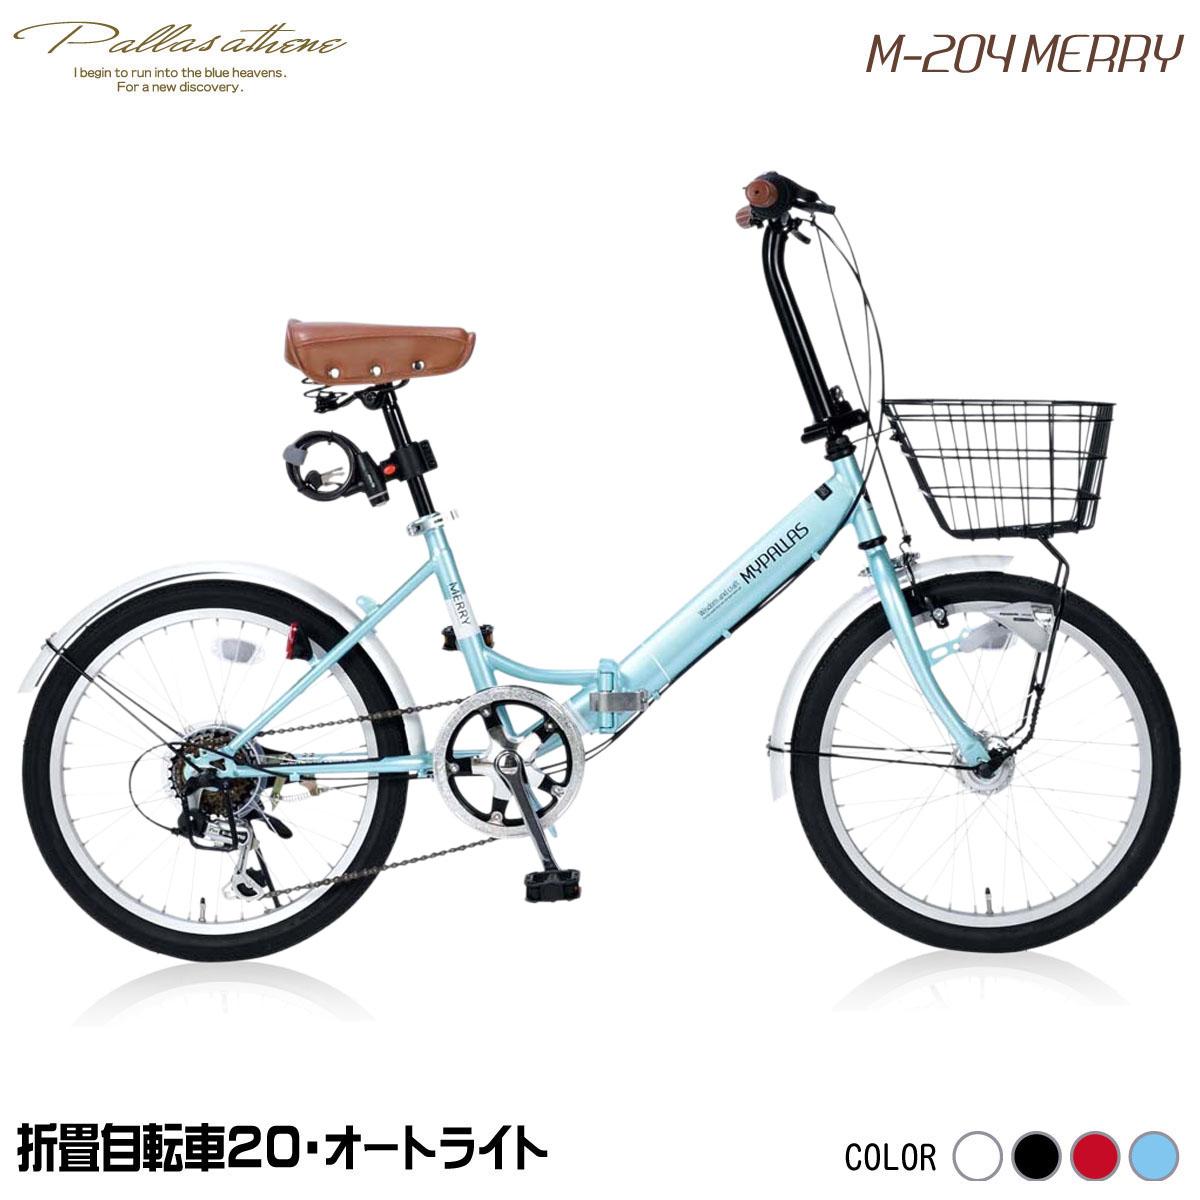 【送料無料】マイパラス M-204-MT クールミント [折り畳み自転車(20インチ・6段変速)] 【同梱配送不可】【代引き・後払い決済不可】【本州以外の配送不可】